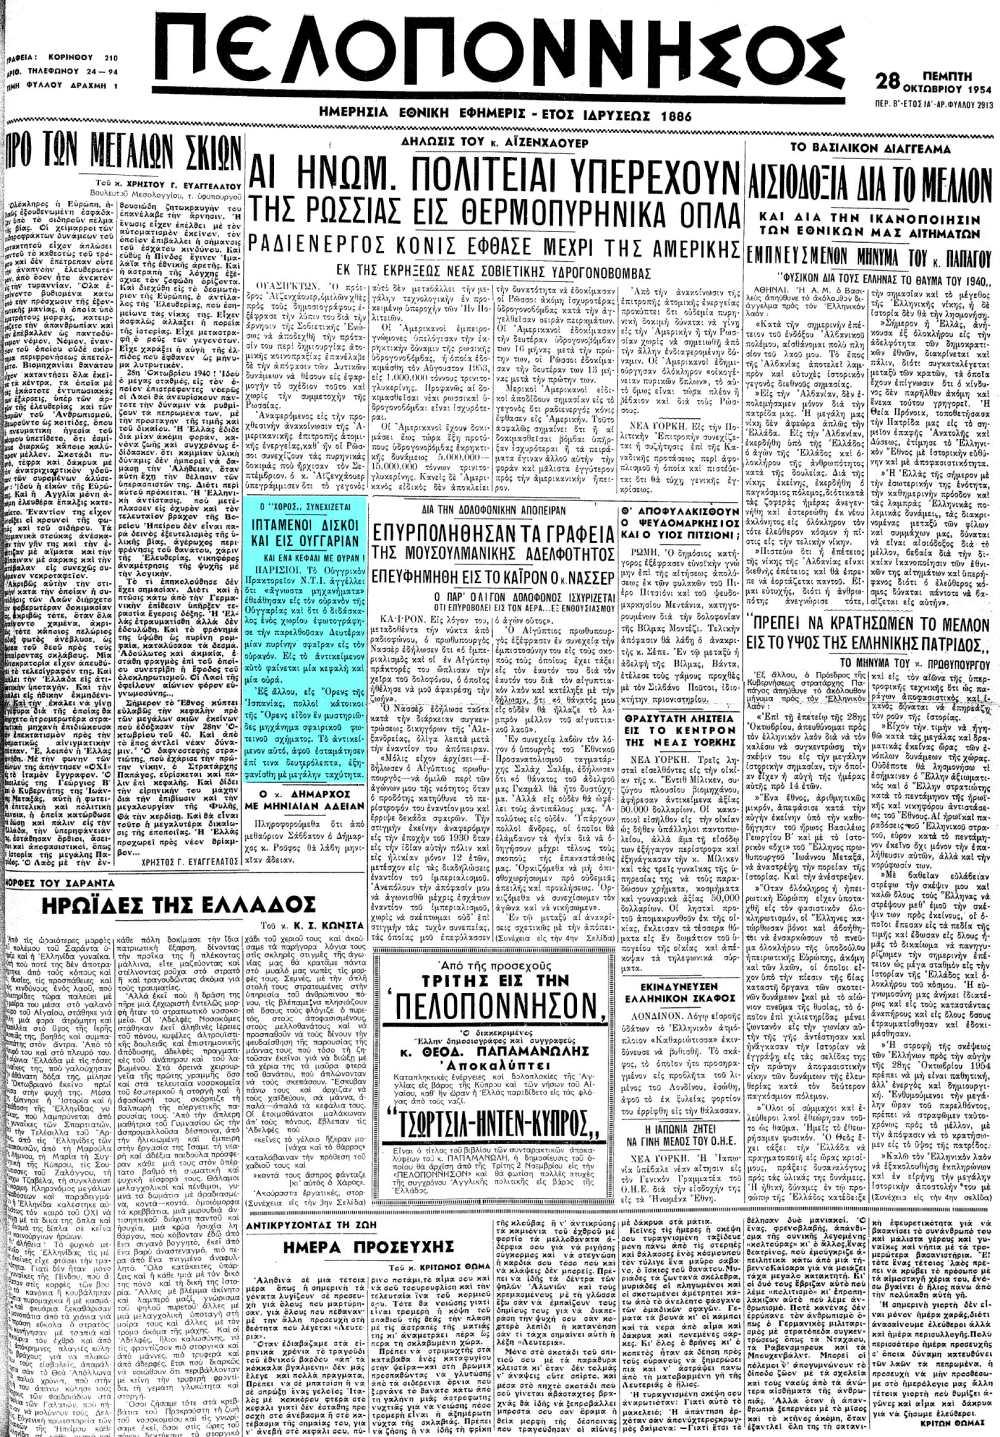 """Το άρθρο, όπως δημοσιεύθηκε στην εφημερίδα """"ΠΕΛΟΠΟΝΝΗΣΟΣ"""", στις 28/10/1954"""